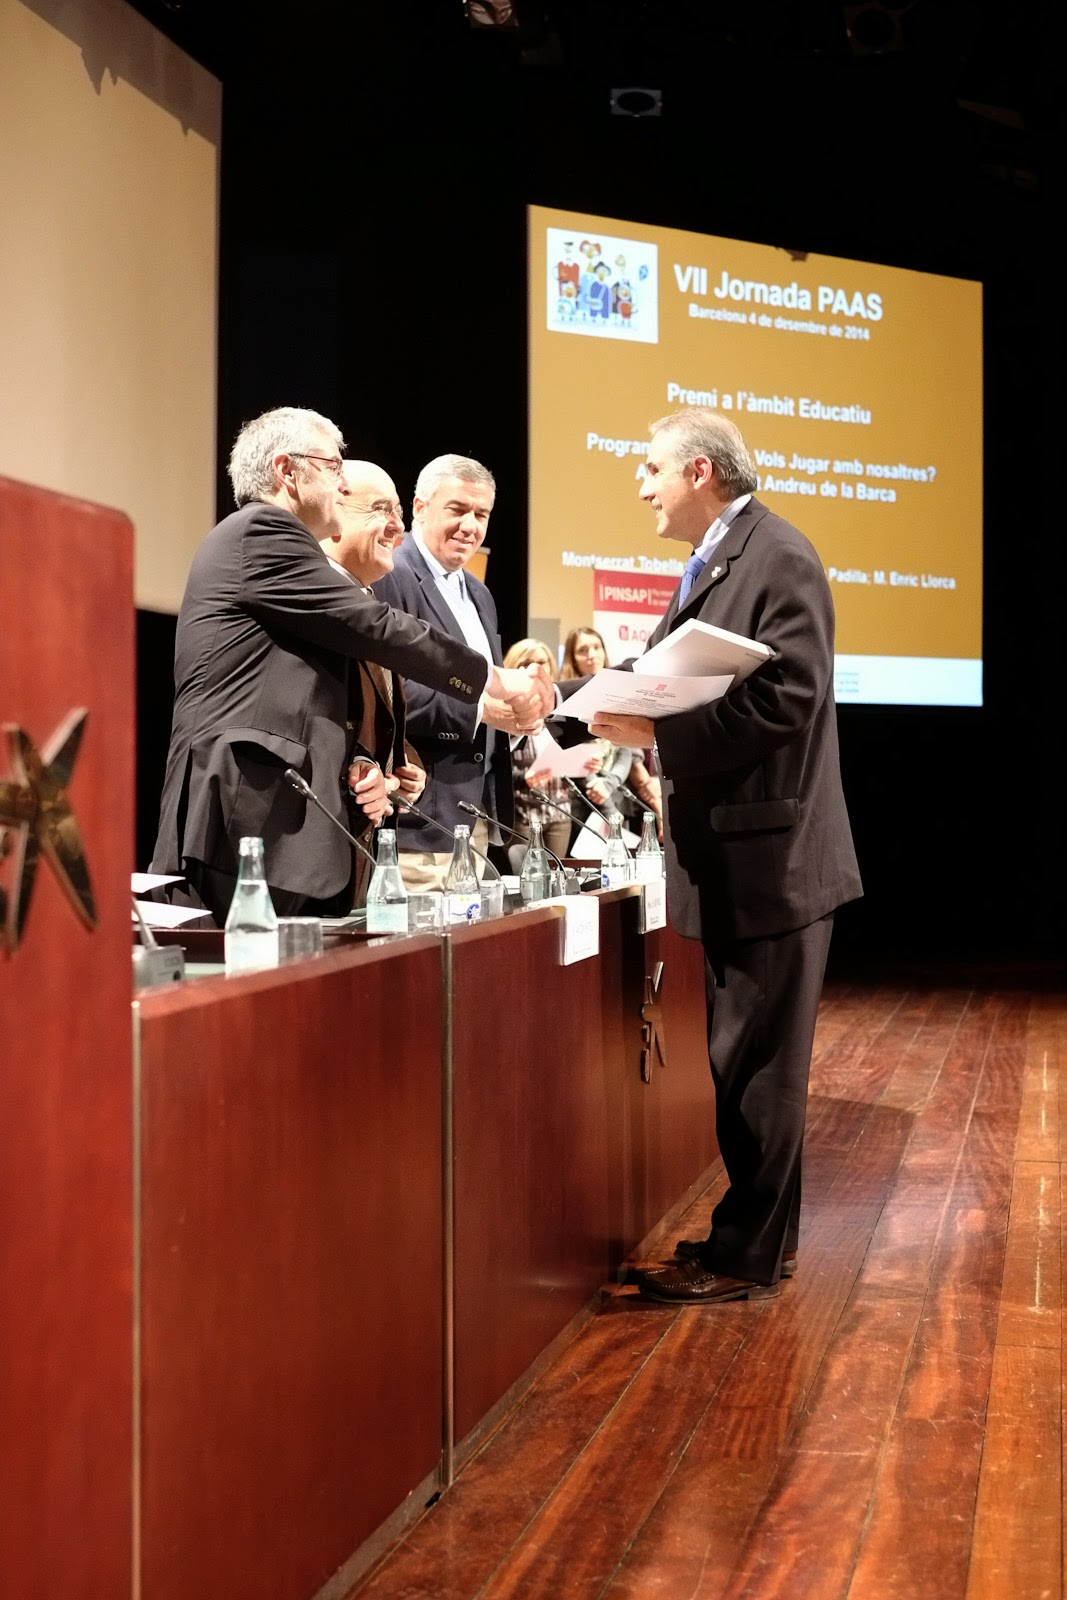 Enric Llorca recollint el premi al programa d'oci actiu de Sant Andreu de la Barca